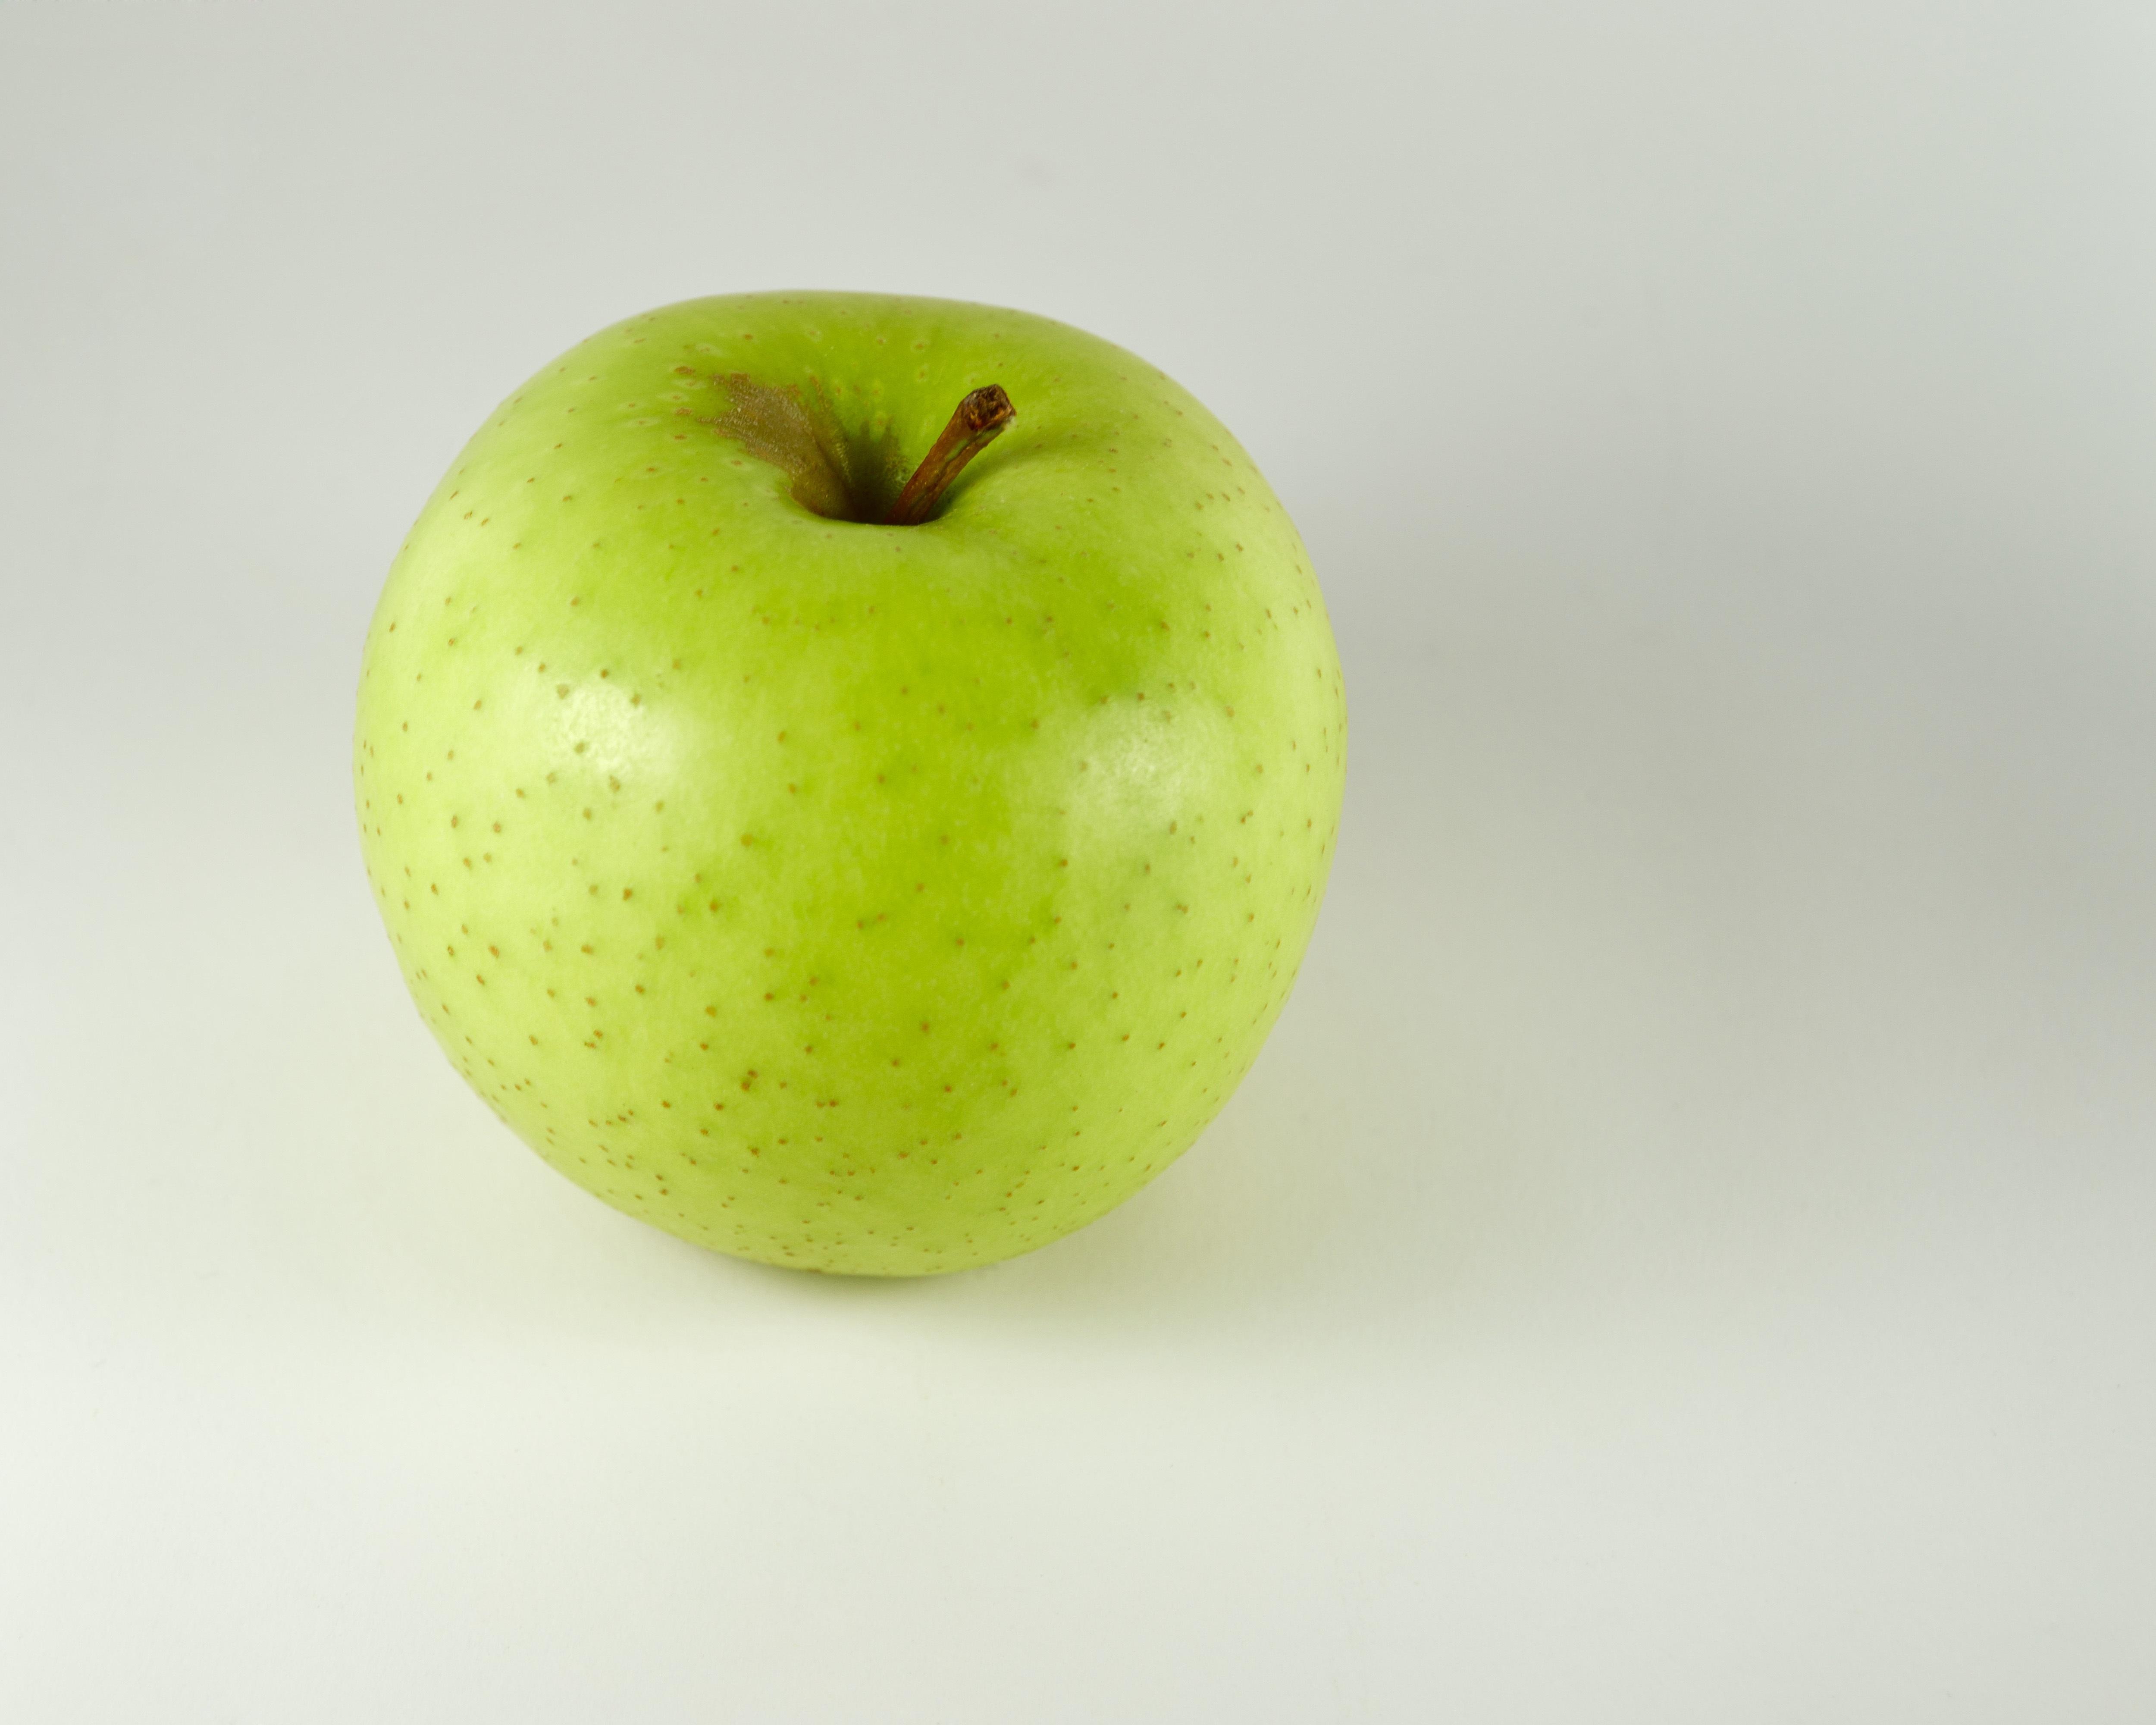 Fotos gratis : manzana, naturaleza, granja, Fruta, dulce, comida ...